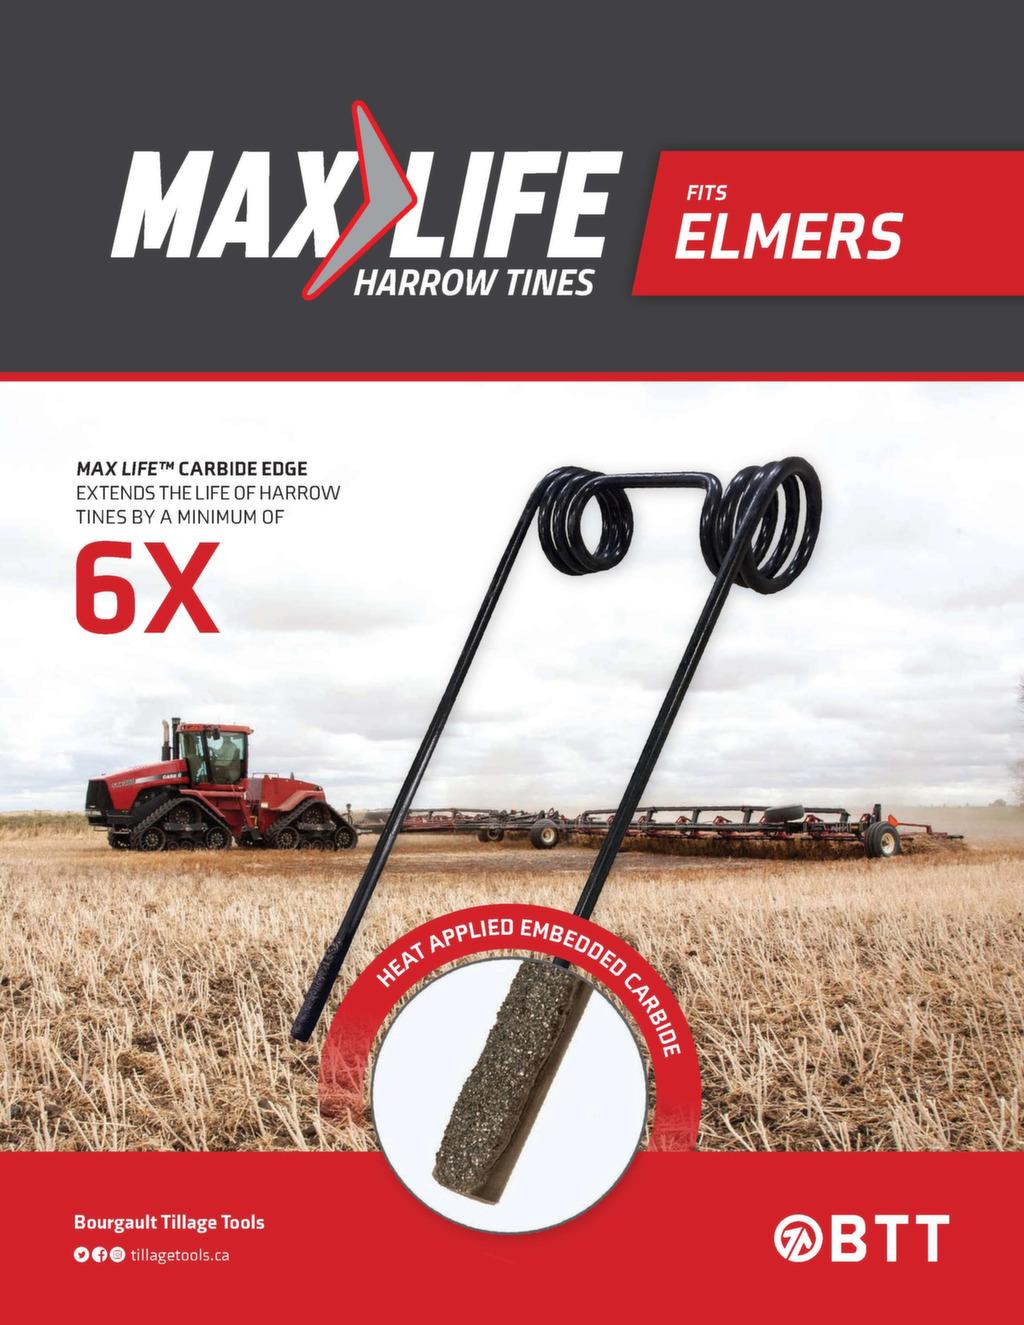 Max Life Harrow Tine fits Elmers.jpg